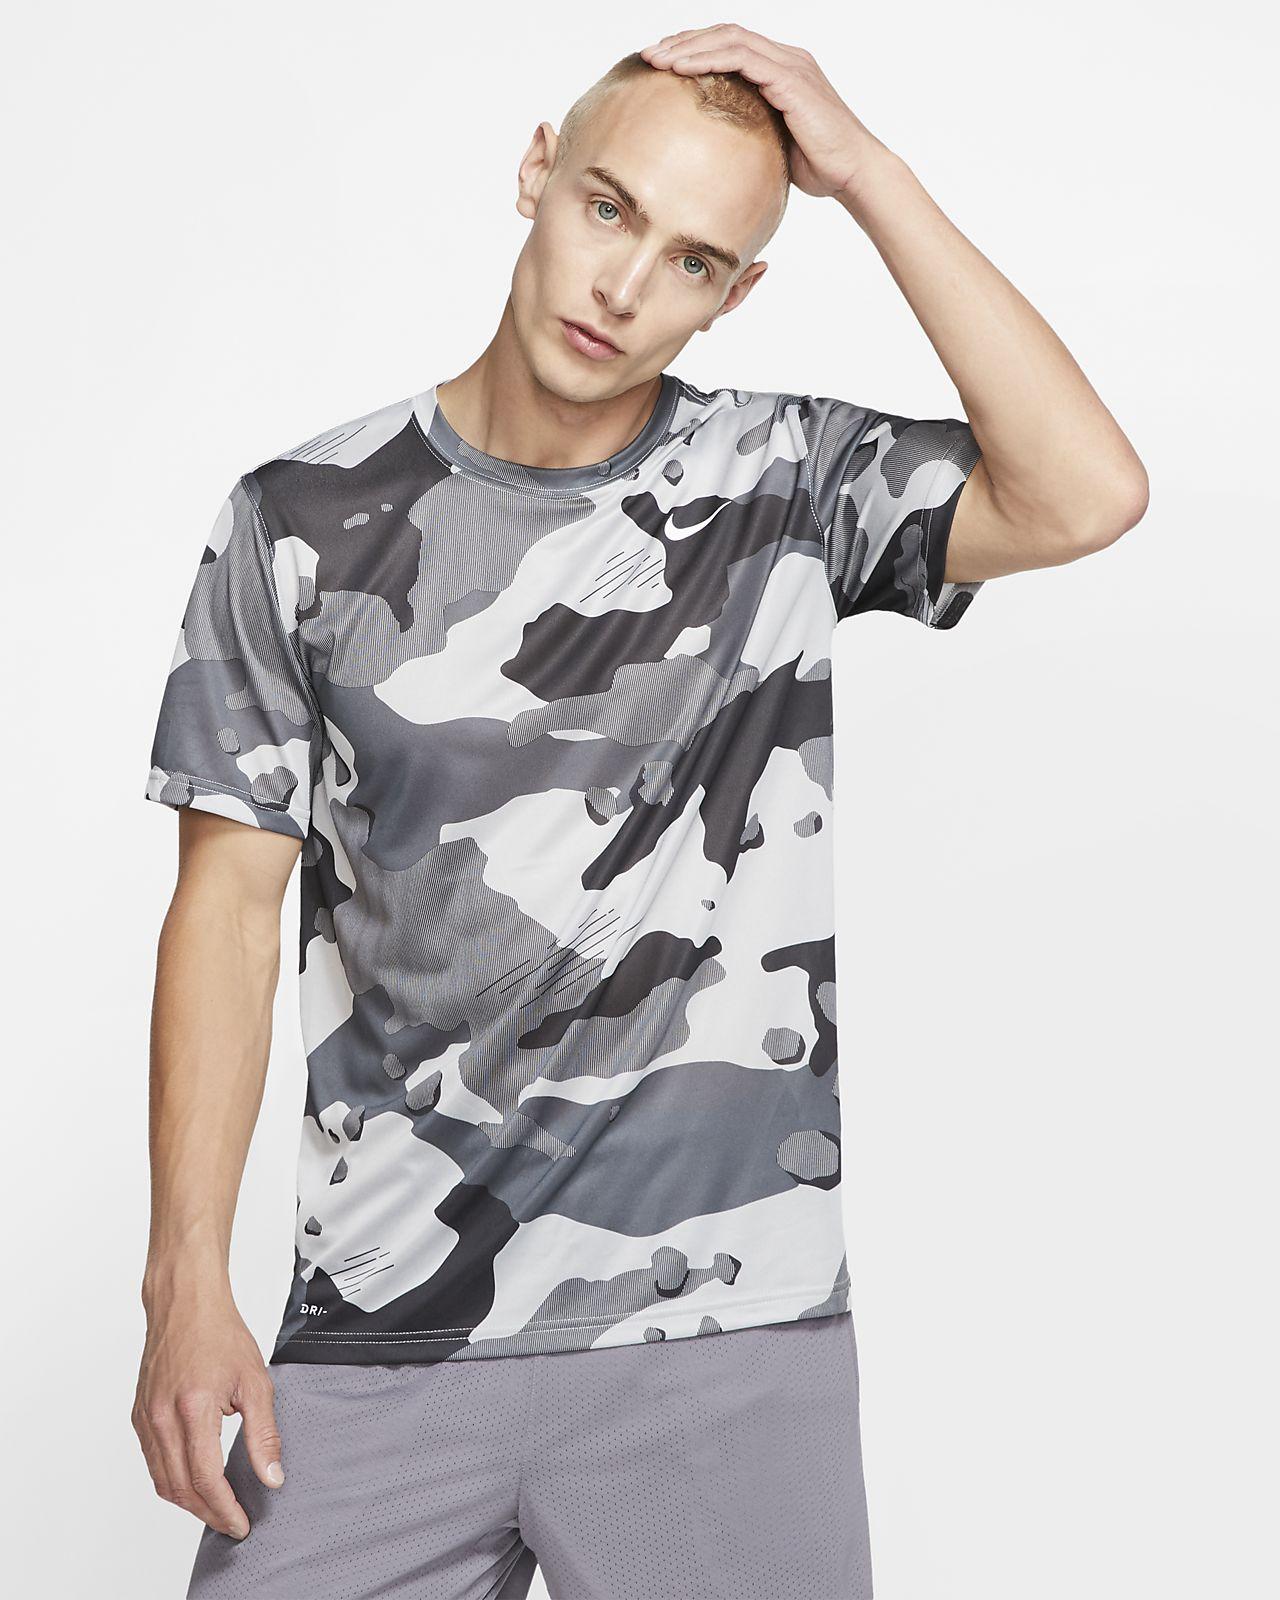 T-shirt de treino com padrão camuflado Nike Dri-FIT para homem